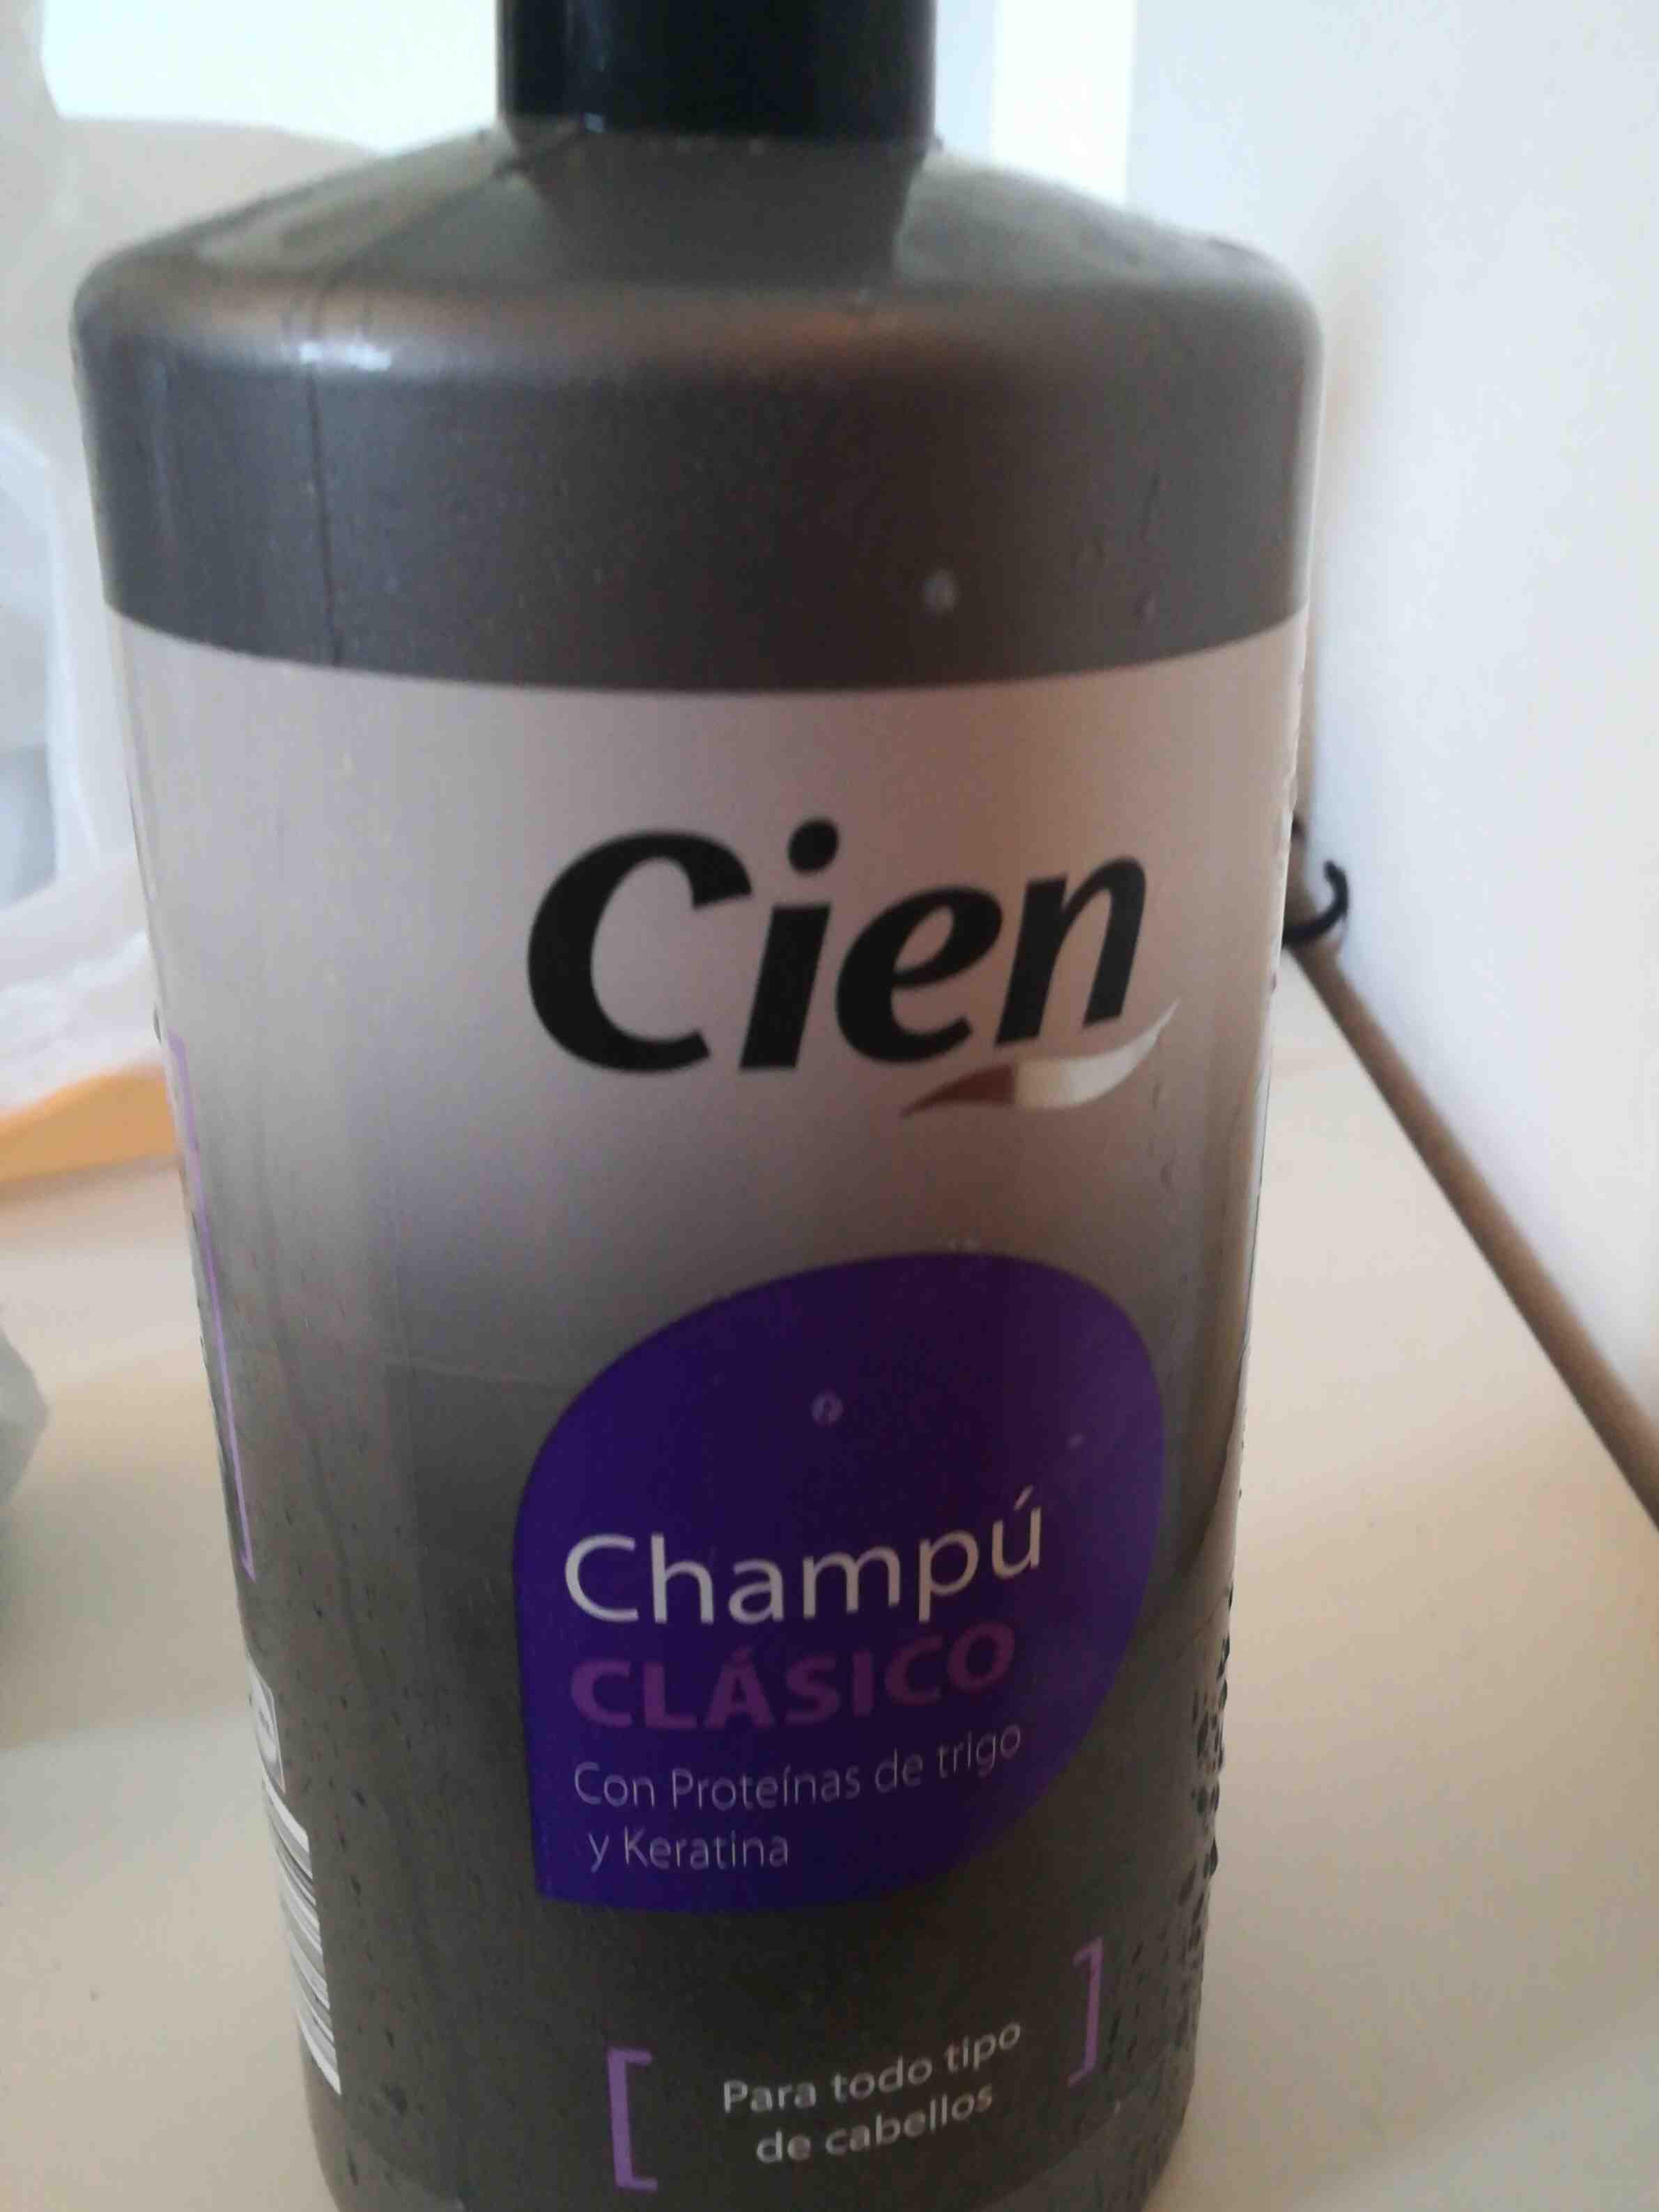 Champu clasico cien - Produit - en